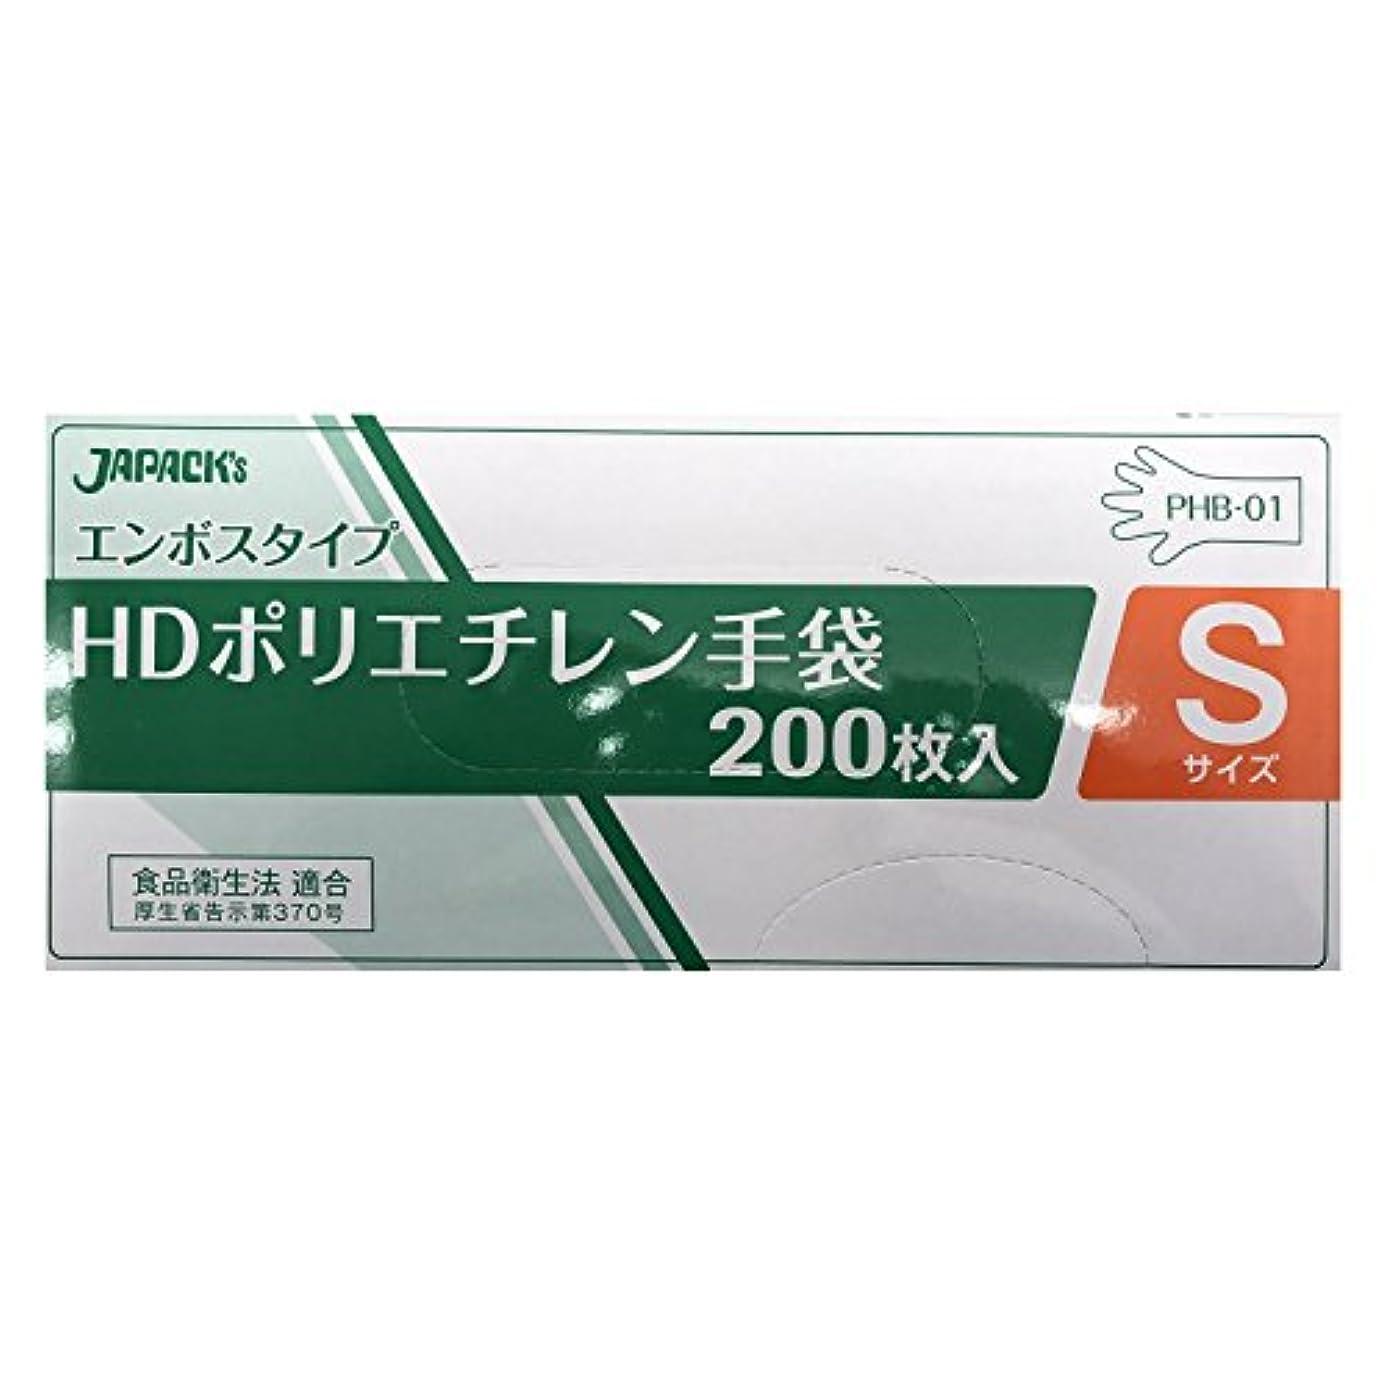 バター商業のどうやってエンボスタイプ HDポリエチレン手袋 Sサイズ BOX 200枚入 無着色 PHB-01